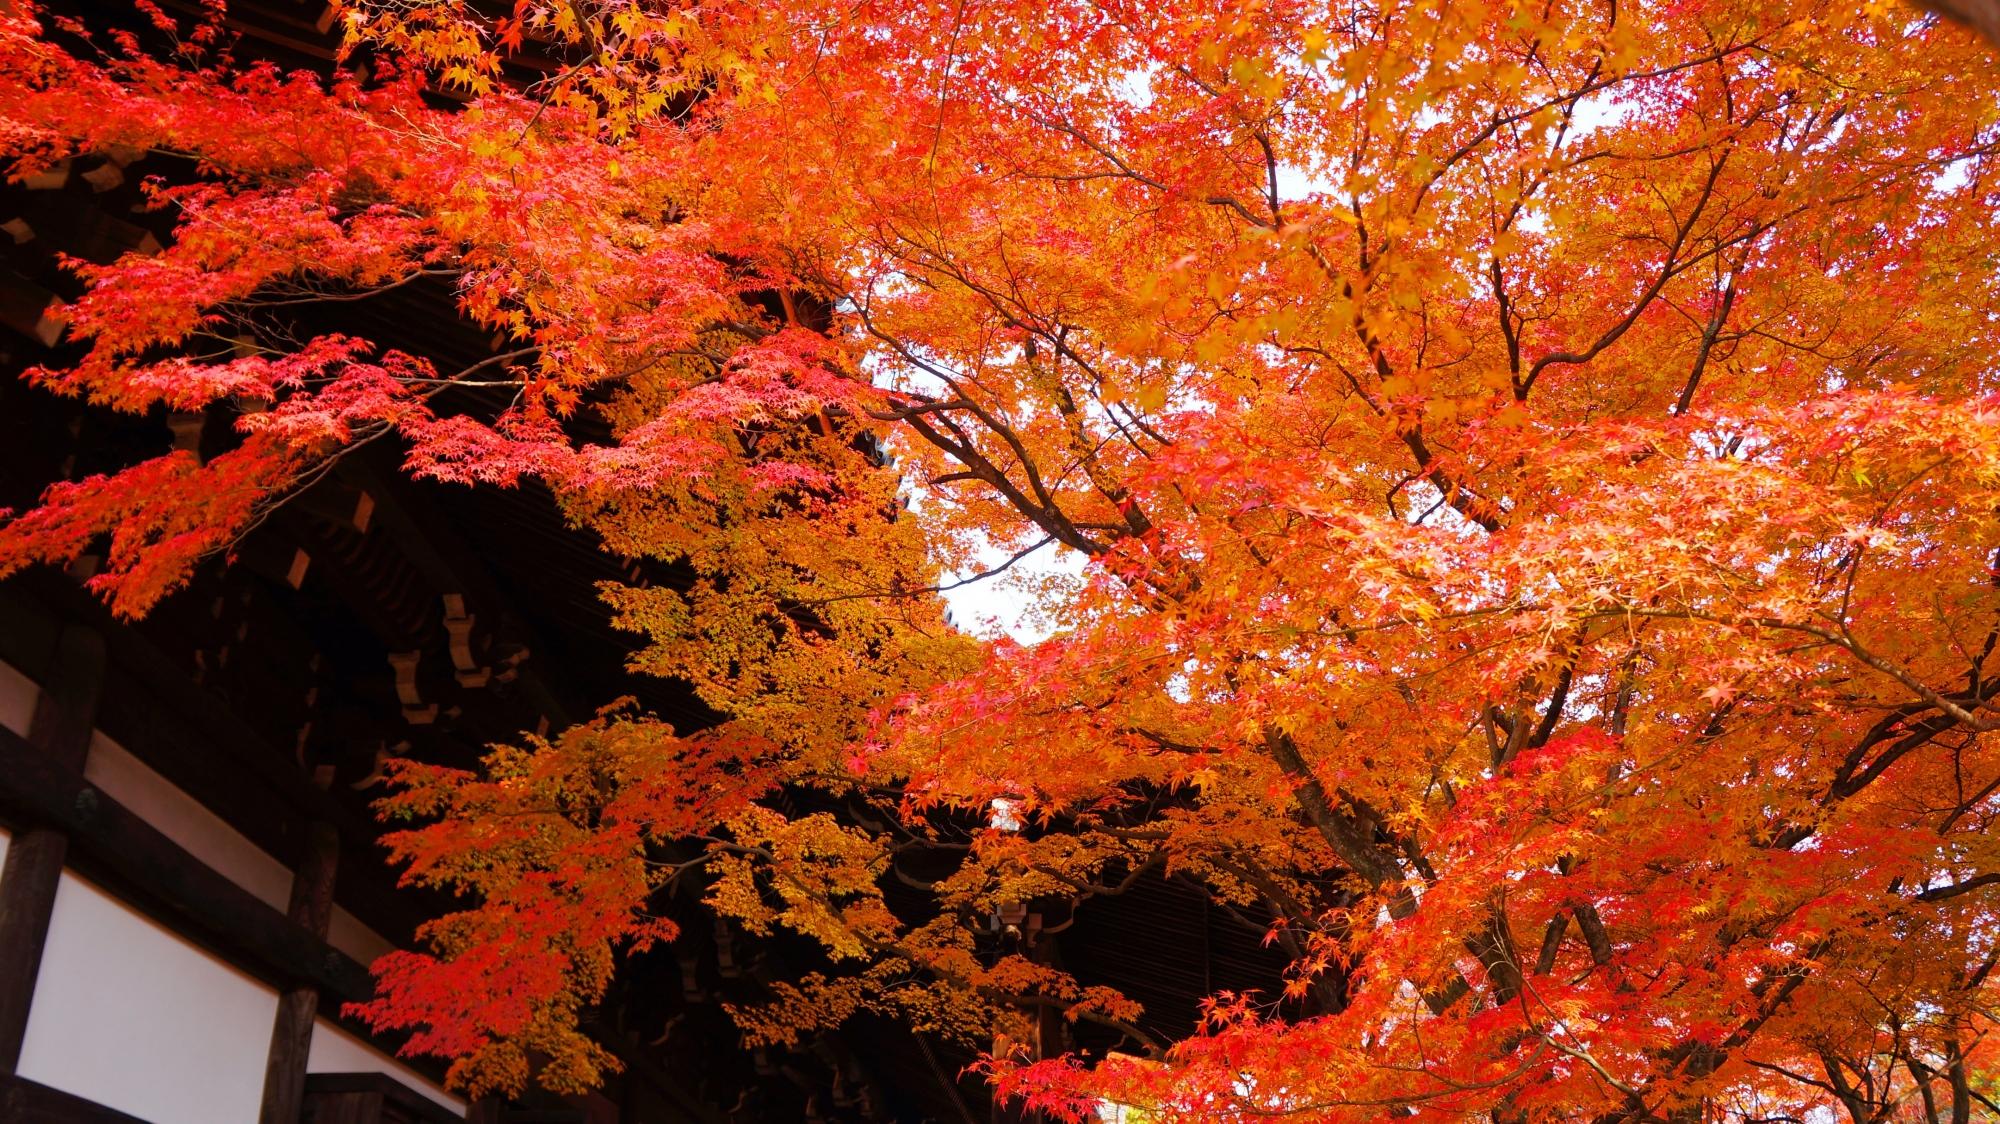 美しすぎる華やかな秋の空間